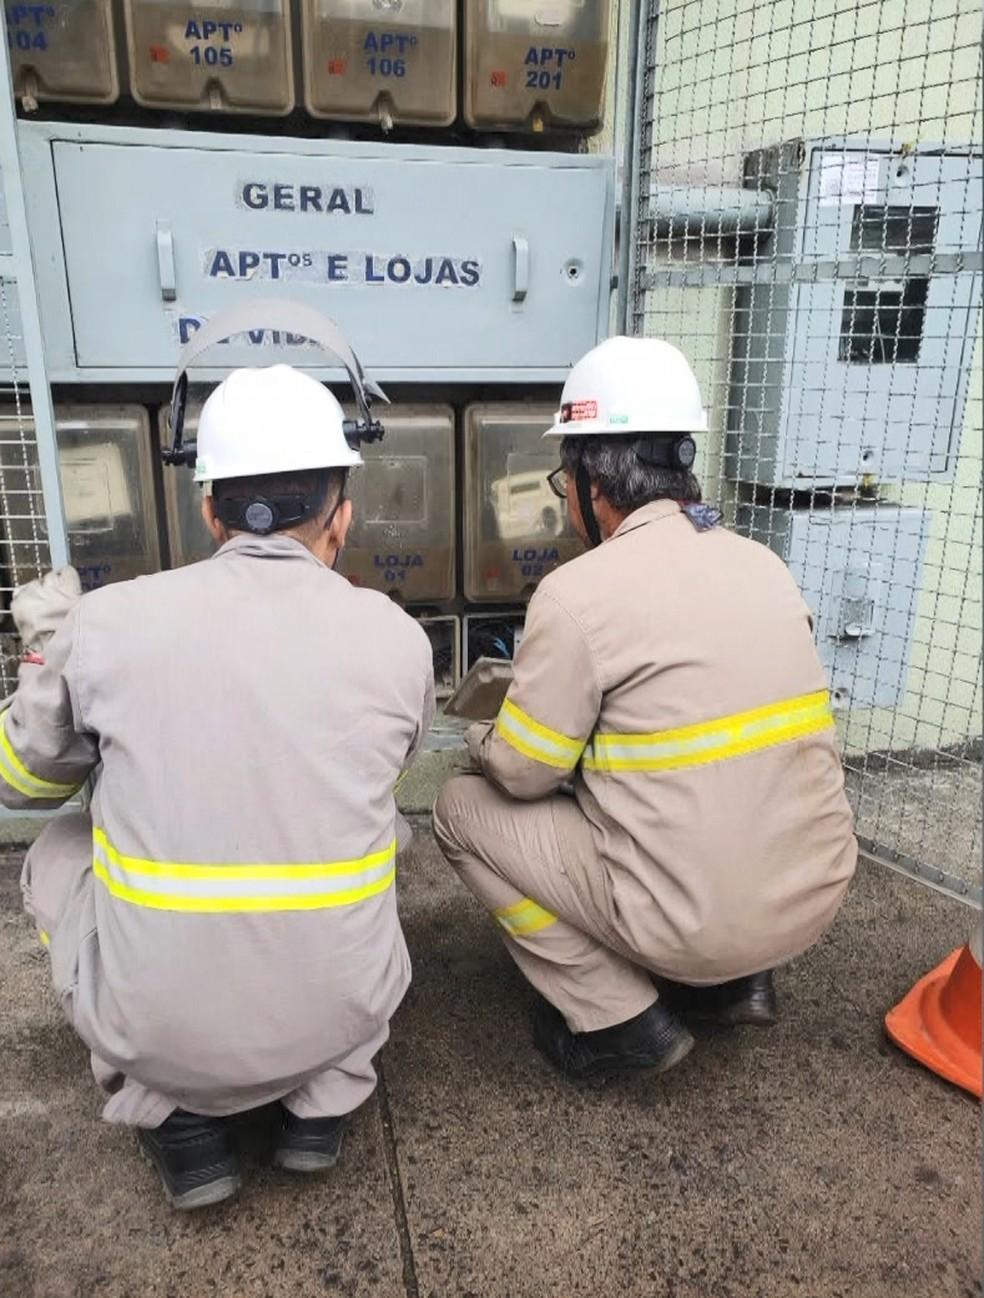 Técnico da EDP flagra furto de energia em supermercado de Vila Velha  — Foto: Divulgação/ EDP